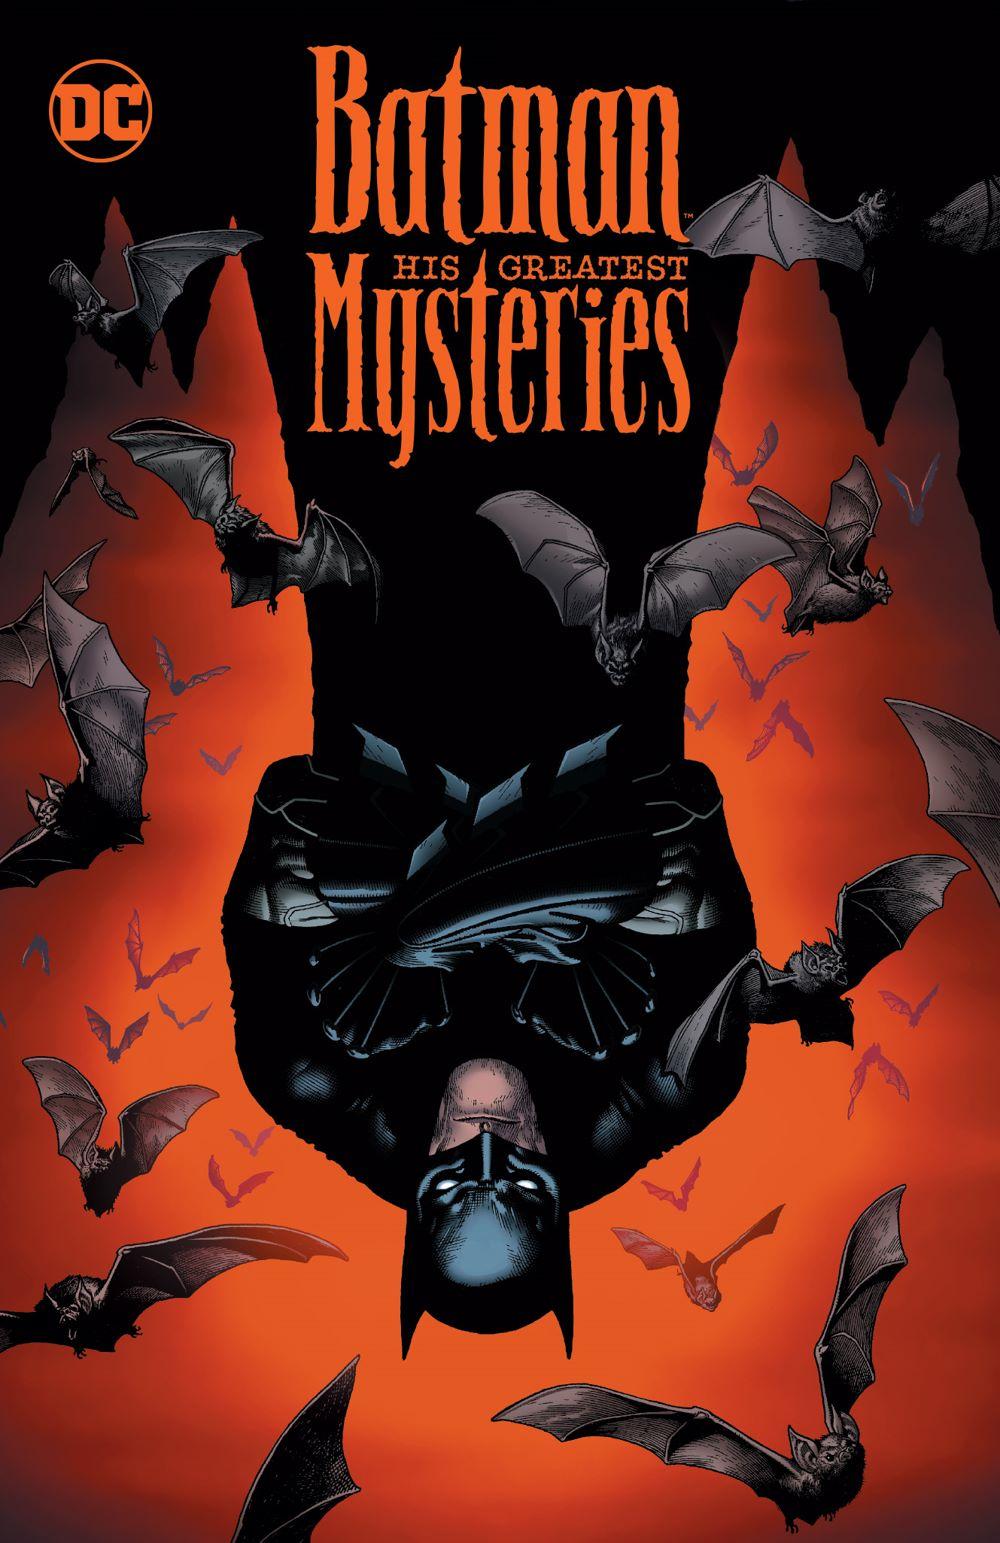 Batman_Mysteries_adv DC Comics August 2021 Solicitations